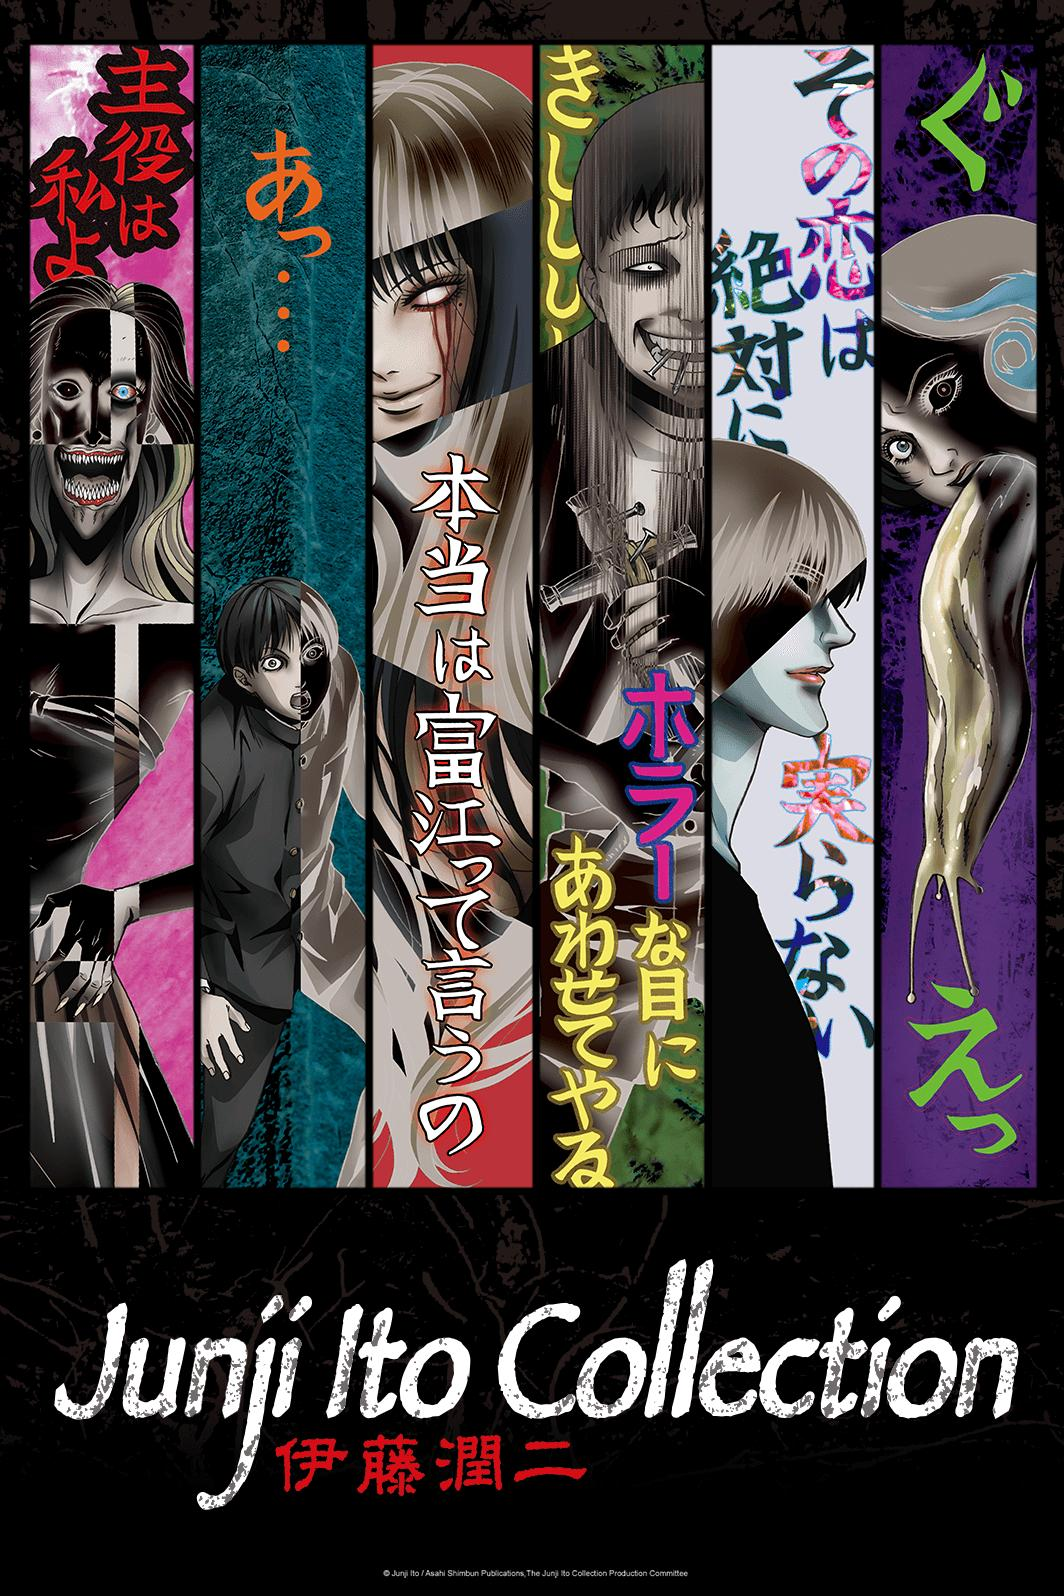 """Résultat de recherche d'images pour """"junji ito collection"""""""